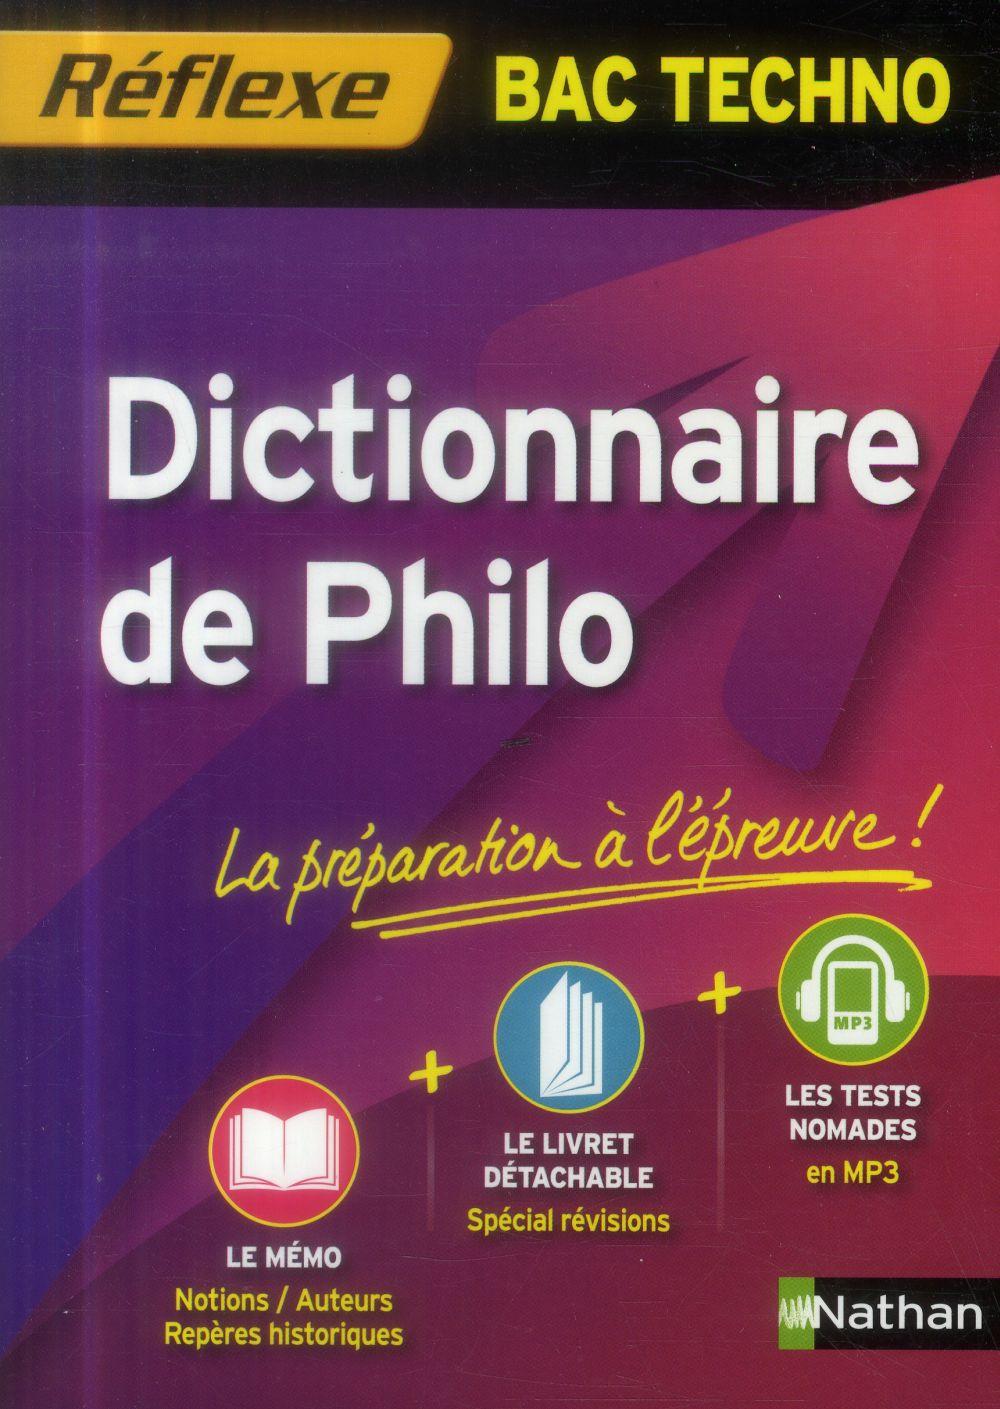 DICT DE PHILO BAC TECHNO (REFL